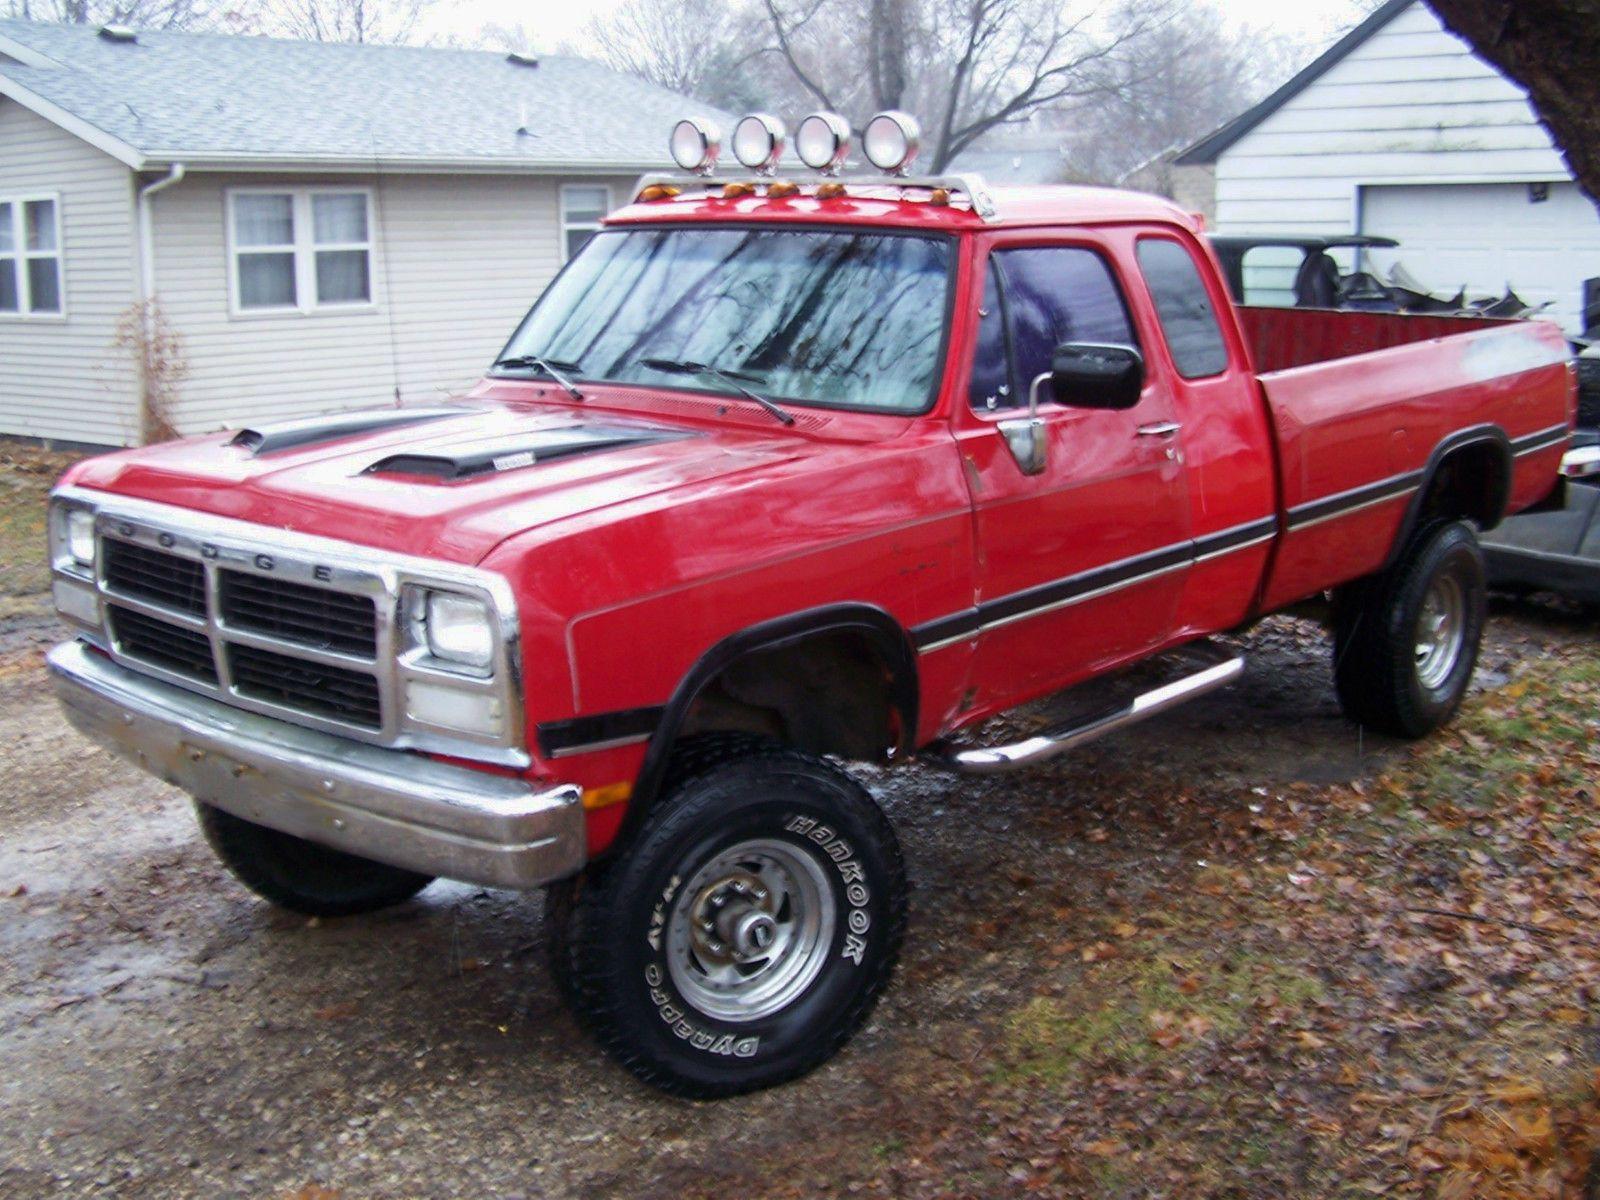 1992 Cummins Dodge Ram W250 4x4 1st gen 12 Valve Turbo Diesel